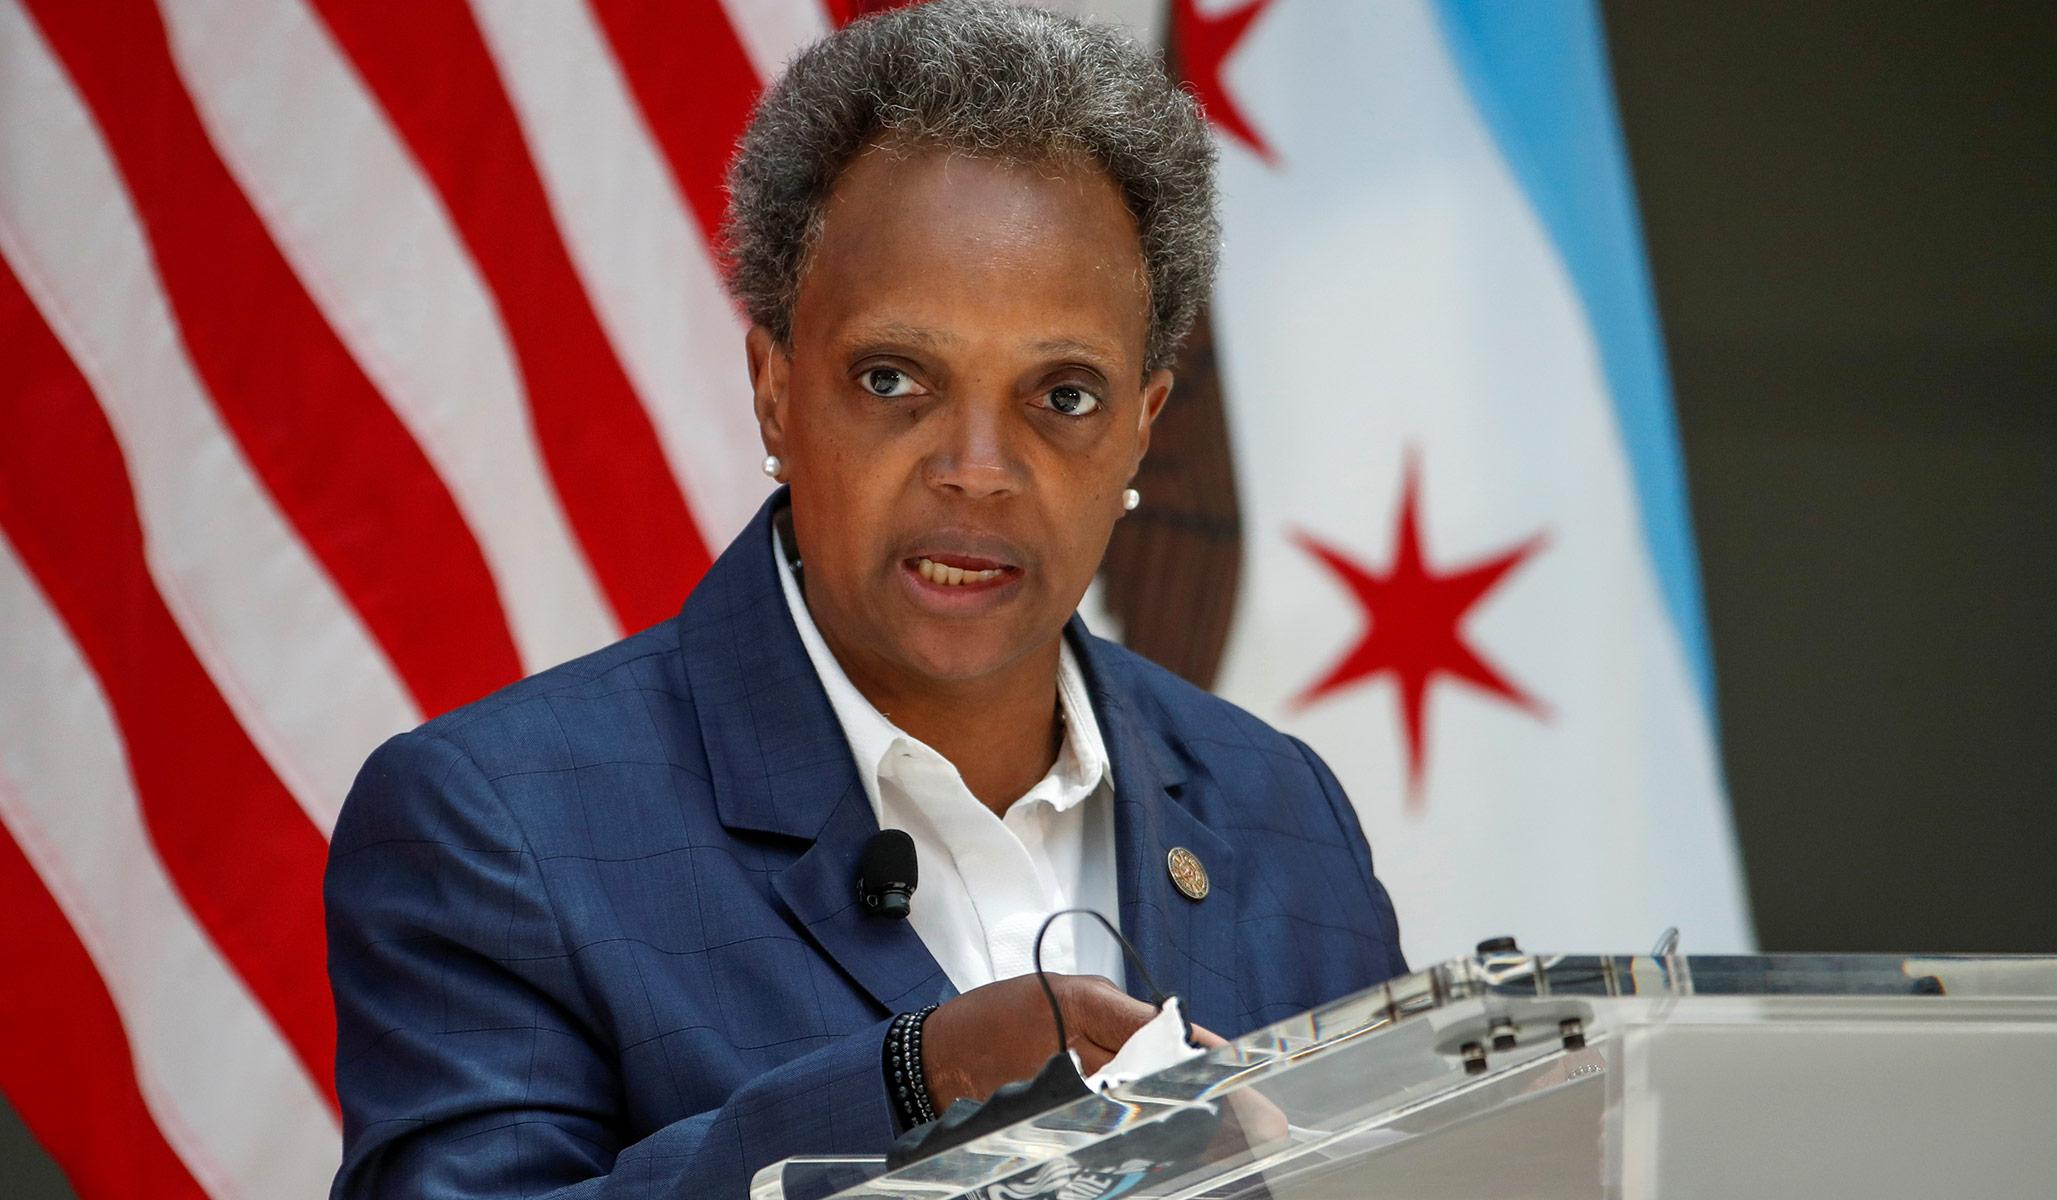 Chicago Mayor Seen Maskless at WNBA Game, Violating Mandates